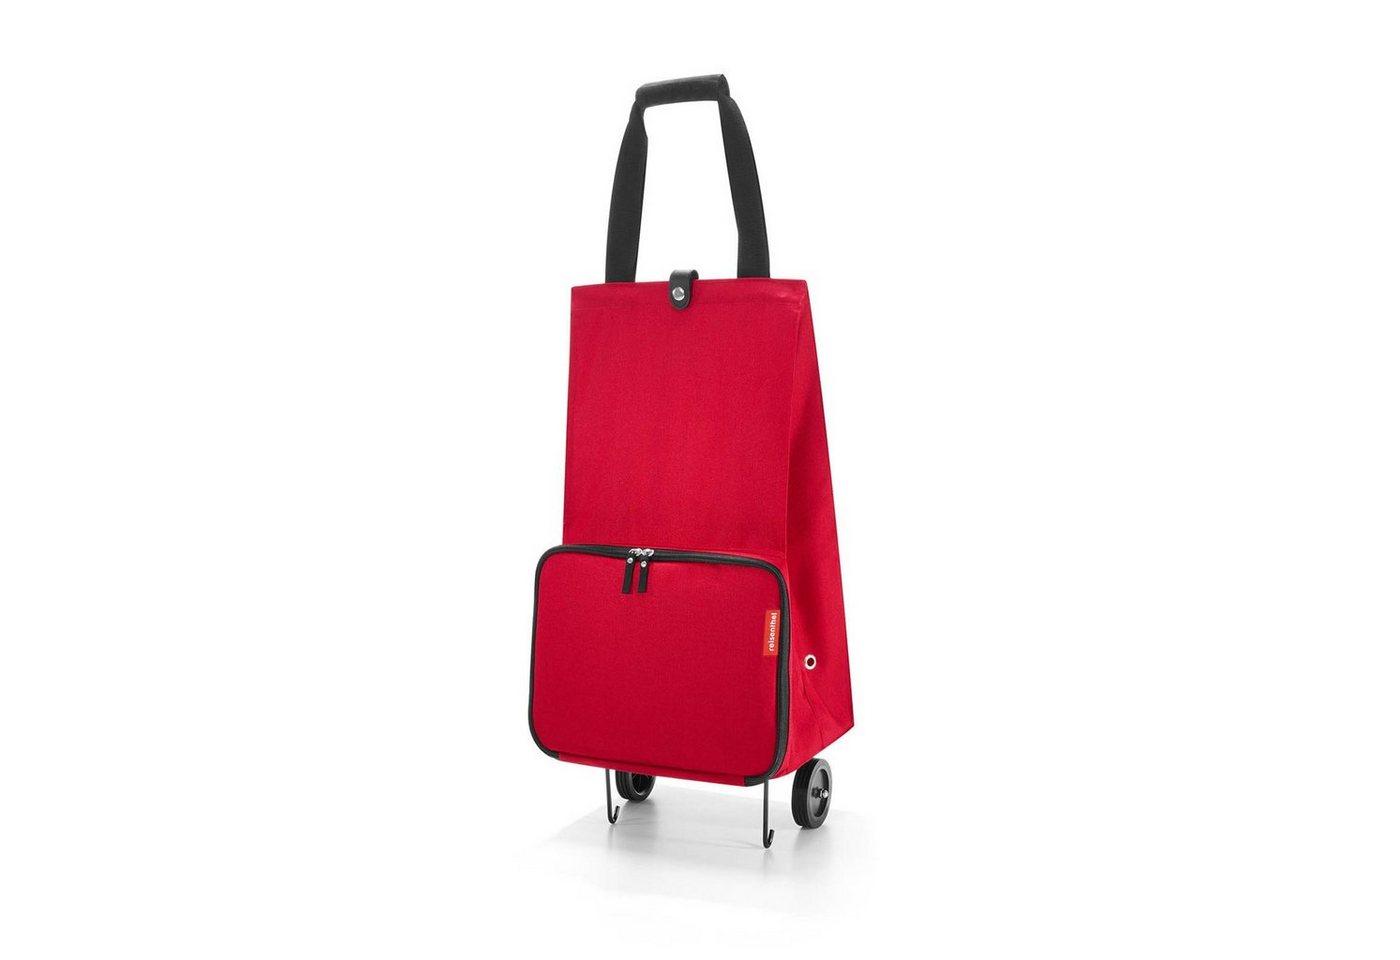 REISENTHEL® Einkaufstrolley faltbar »foldabletrolley« | Taschen > Handtaschen > Einkaufstasche | REISENTHEL®